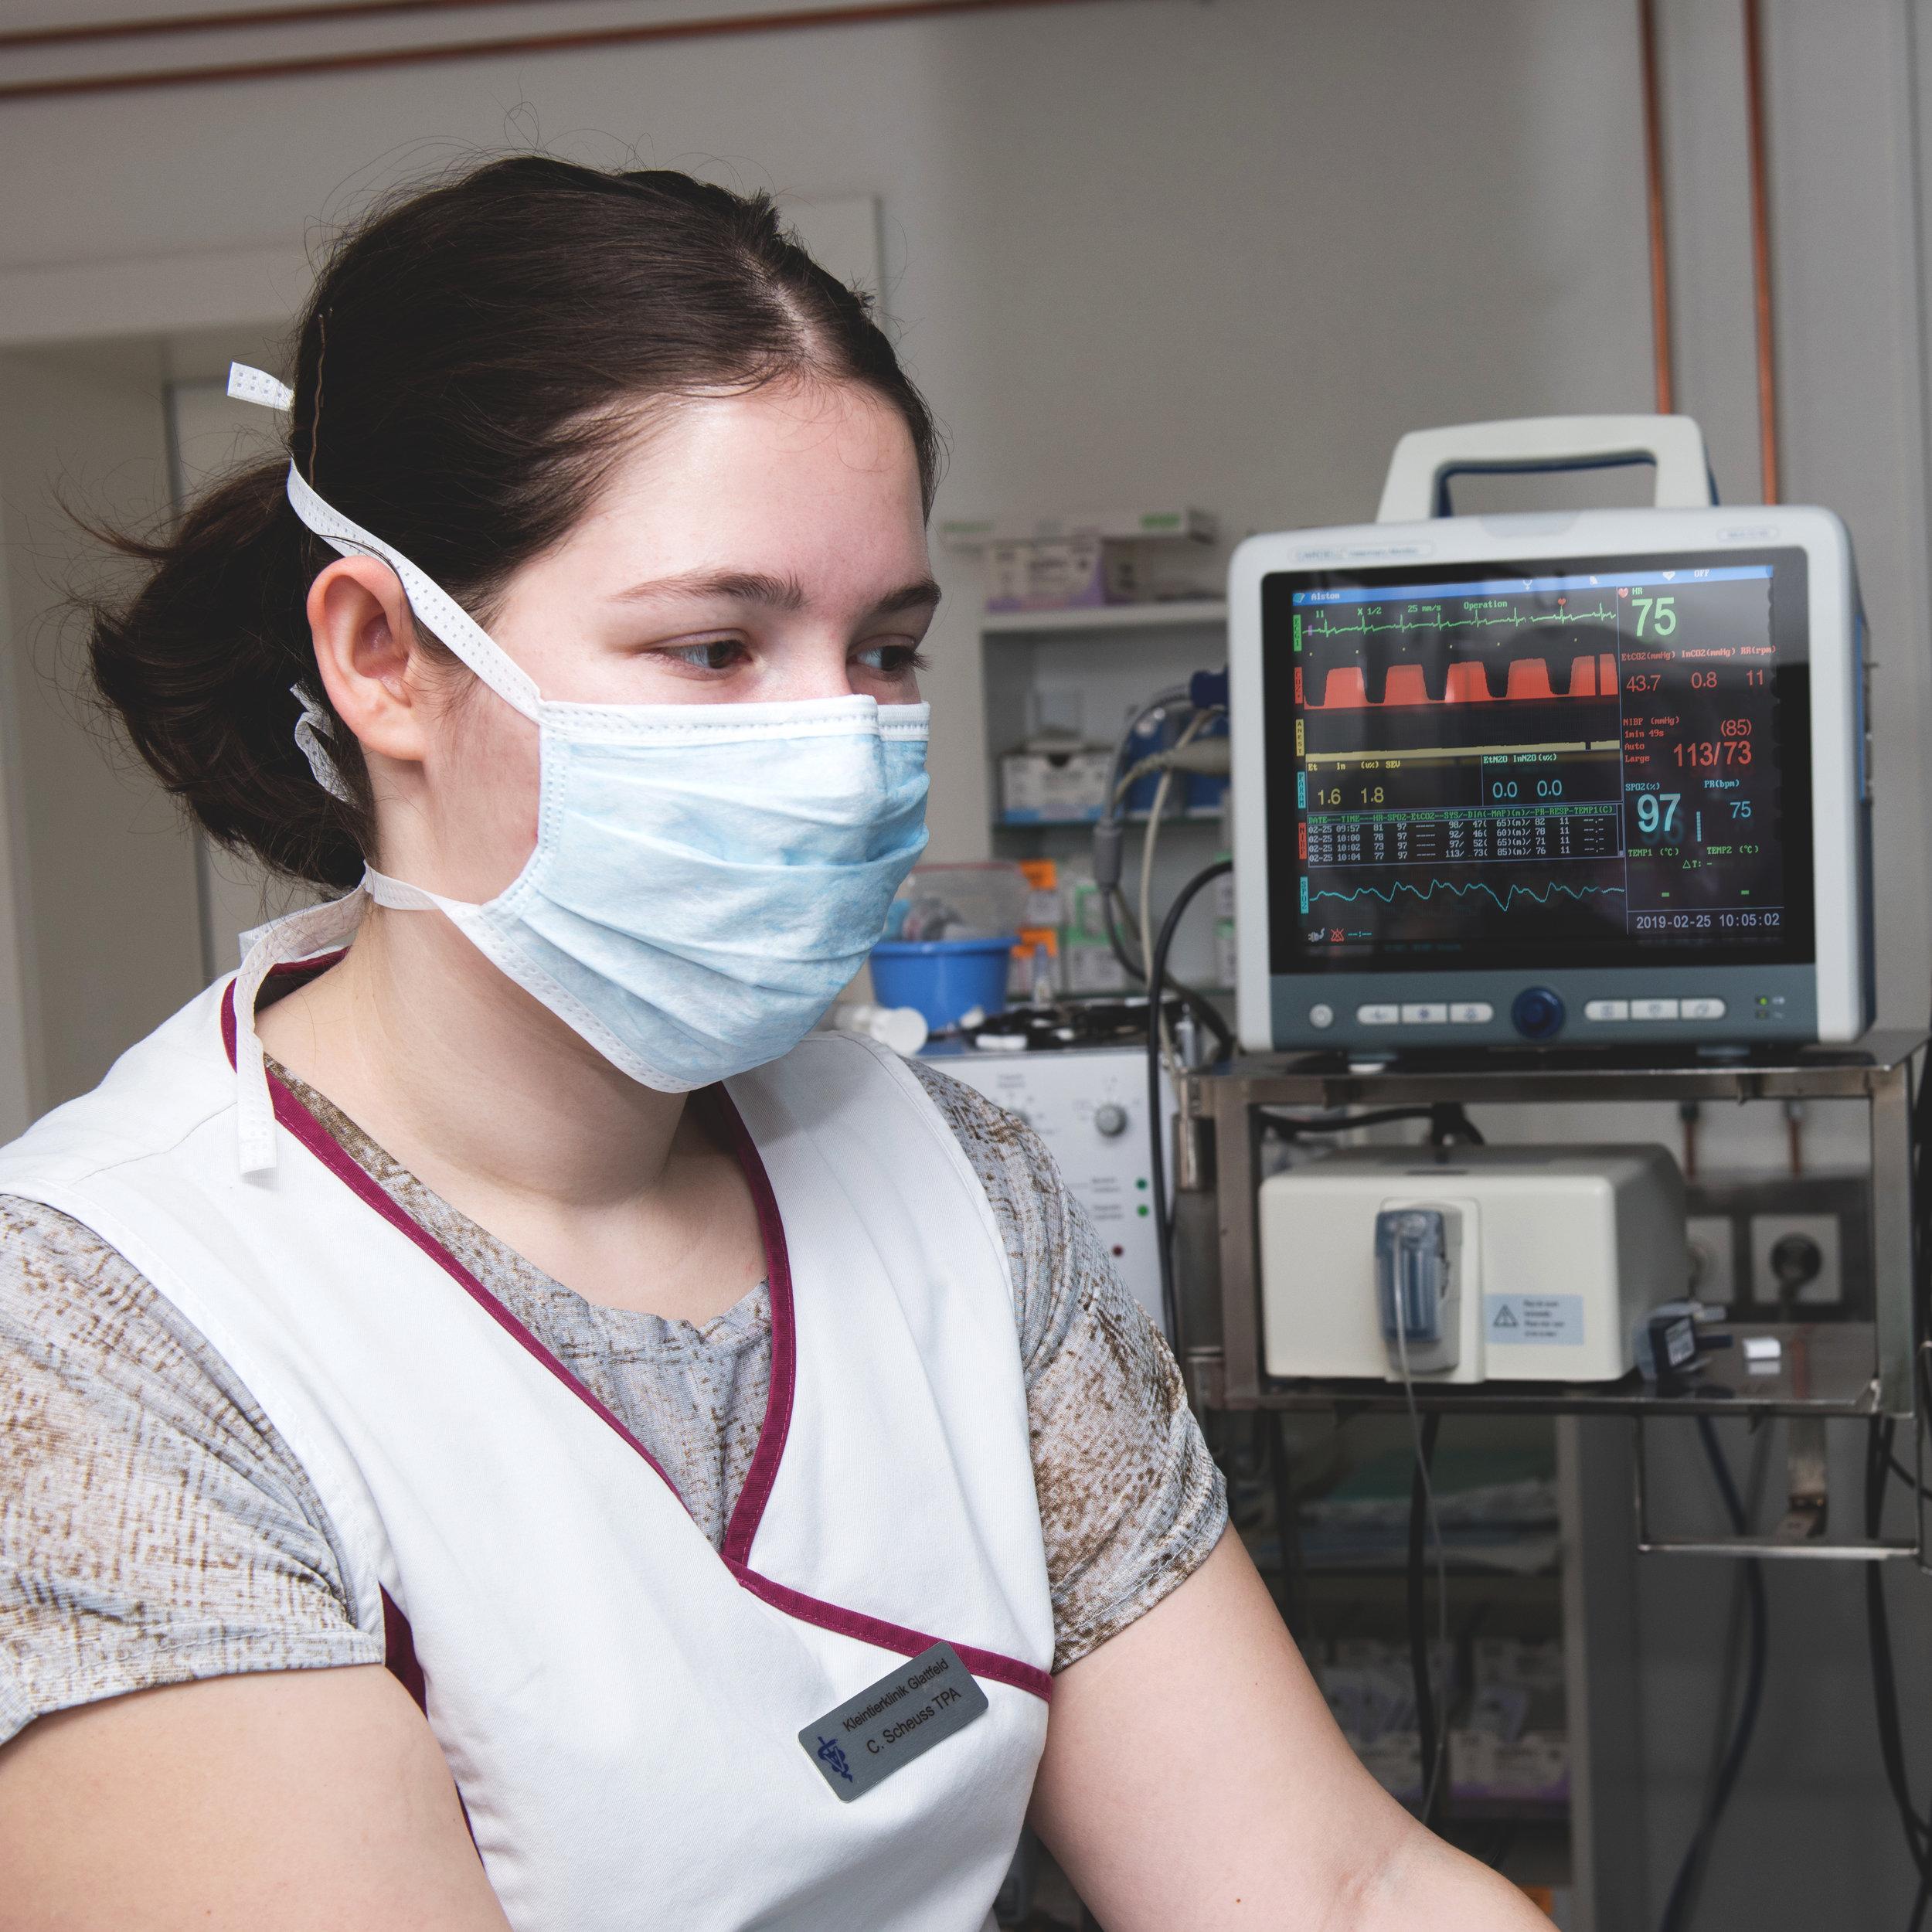 Anästhesie - Eine wichtige Rolle bei Operationen spielt auch die Narkoseführung und Überwachung des Patienten sowie eine optimale Schmerztherapie.